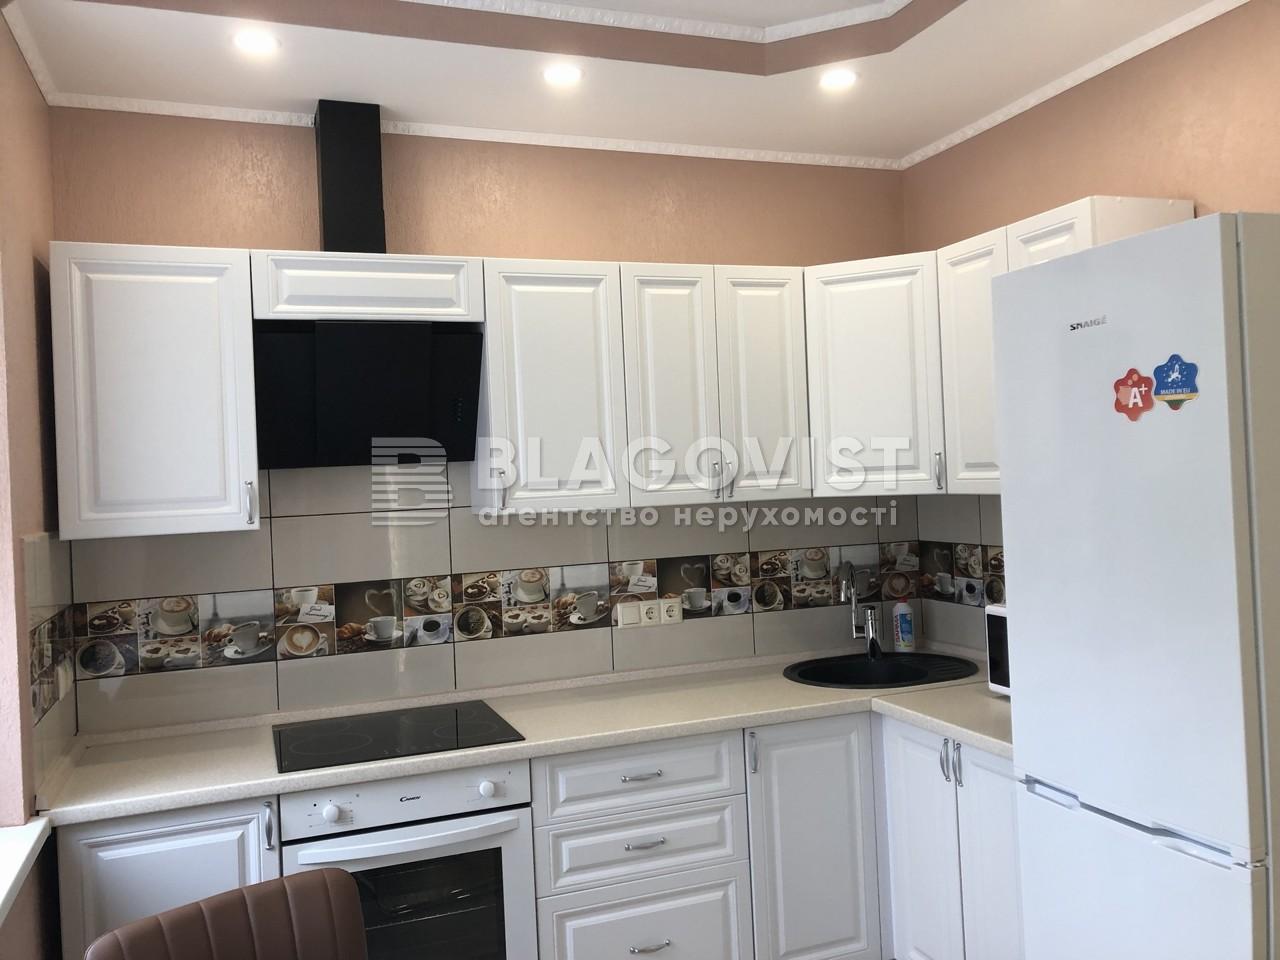 Квартира H-44873, Данченко Сергея, 32, Киев - Фото 8